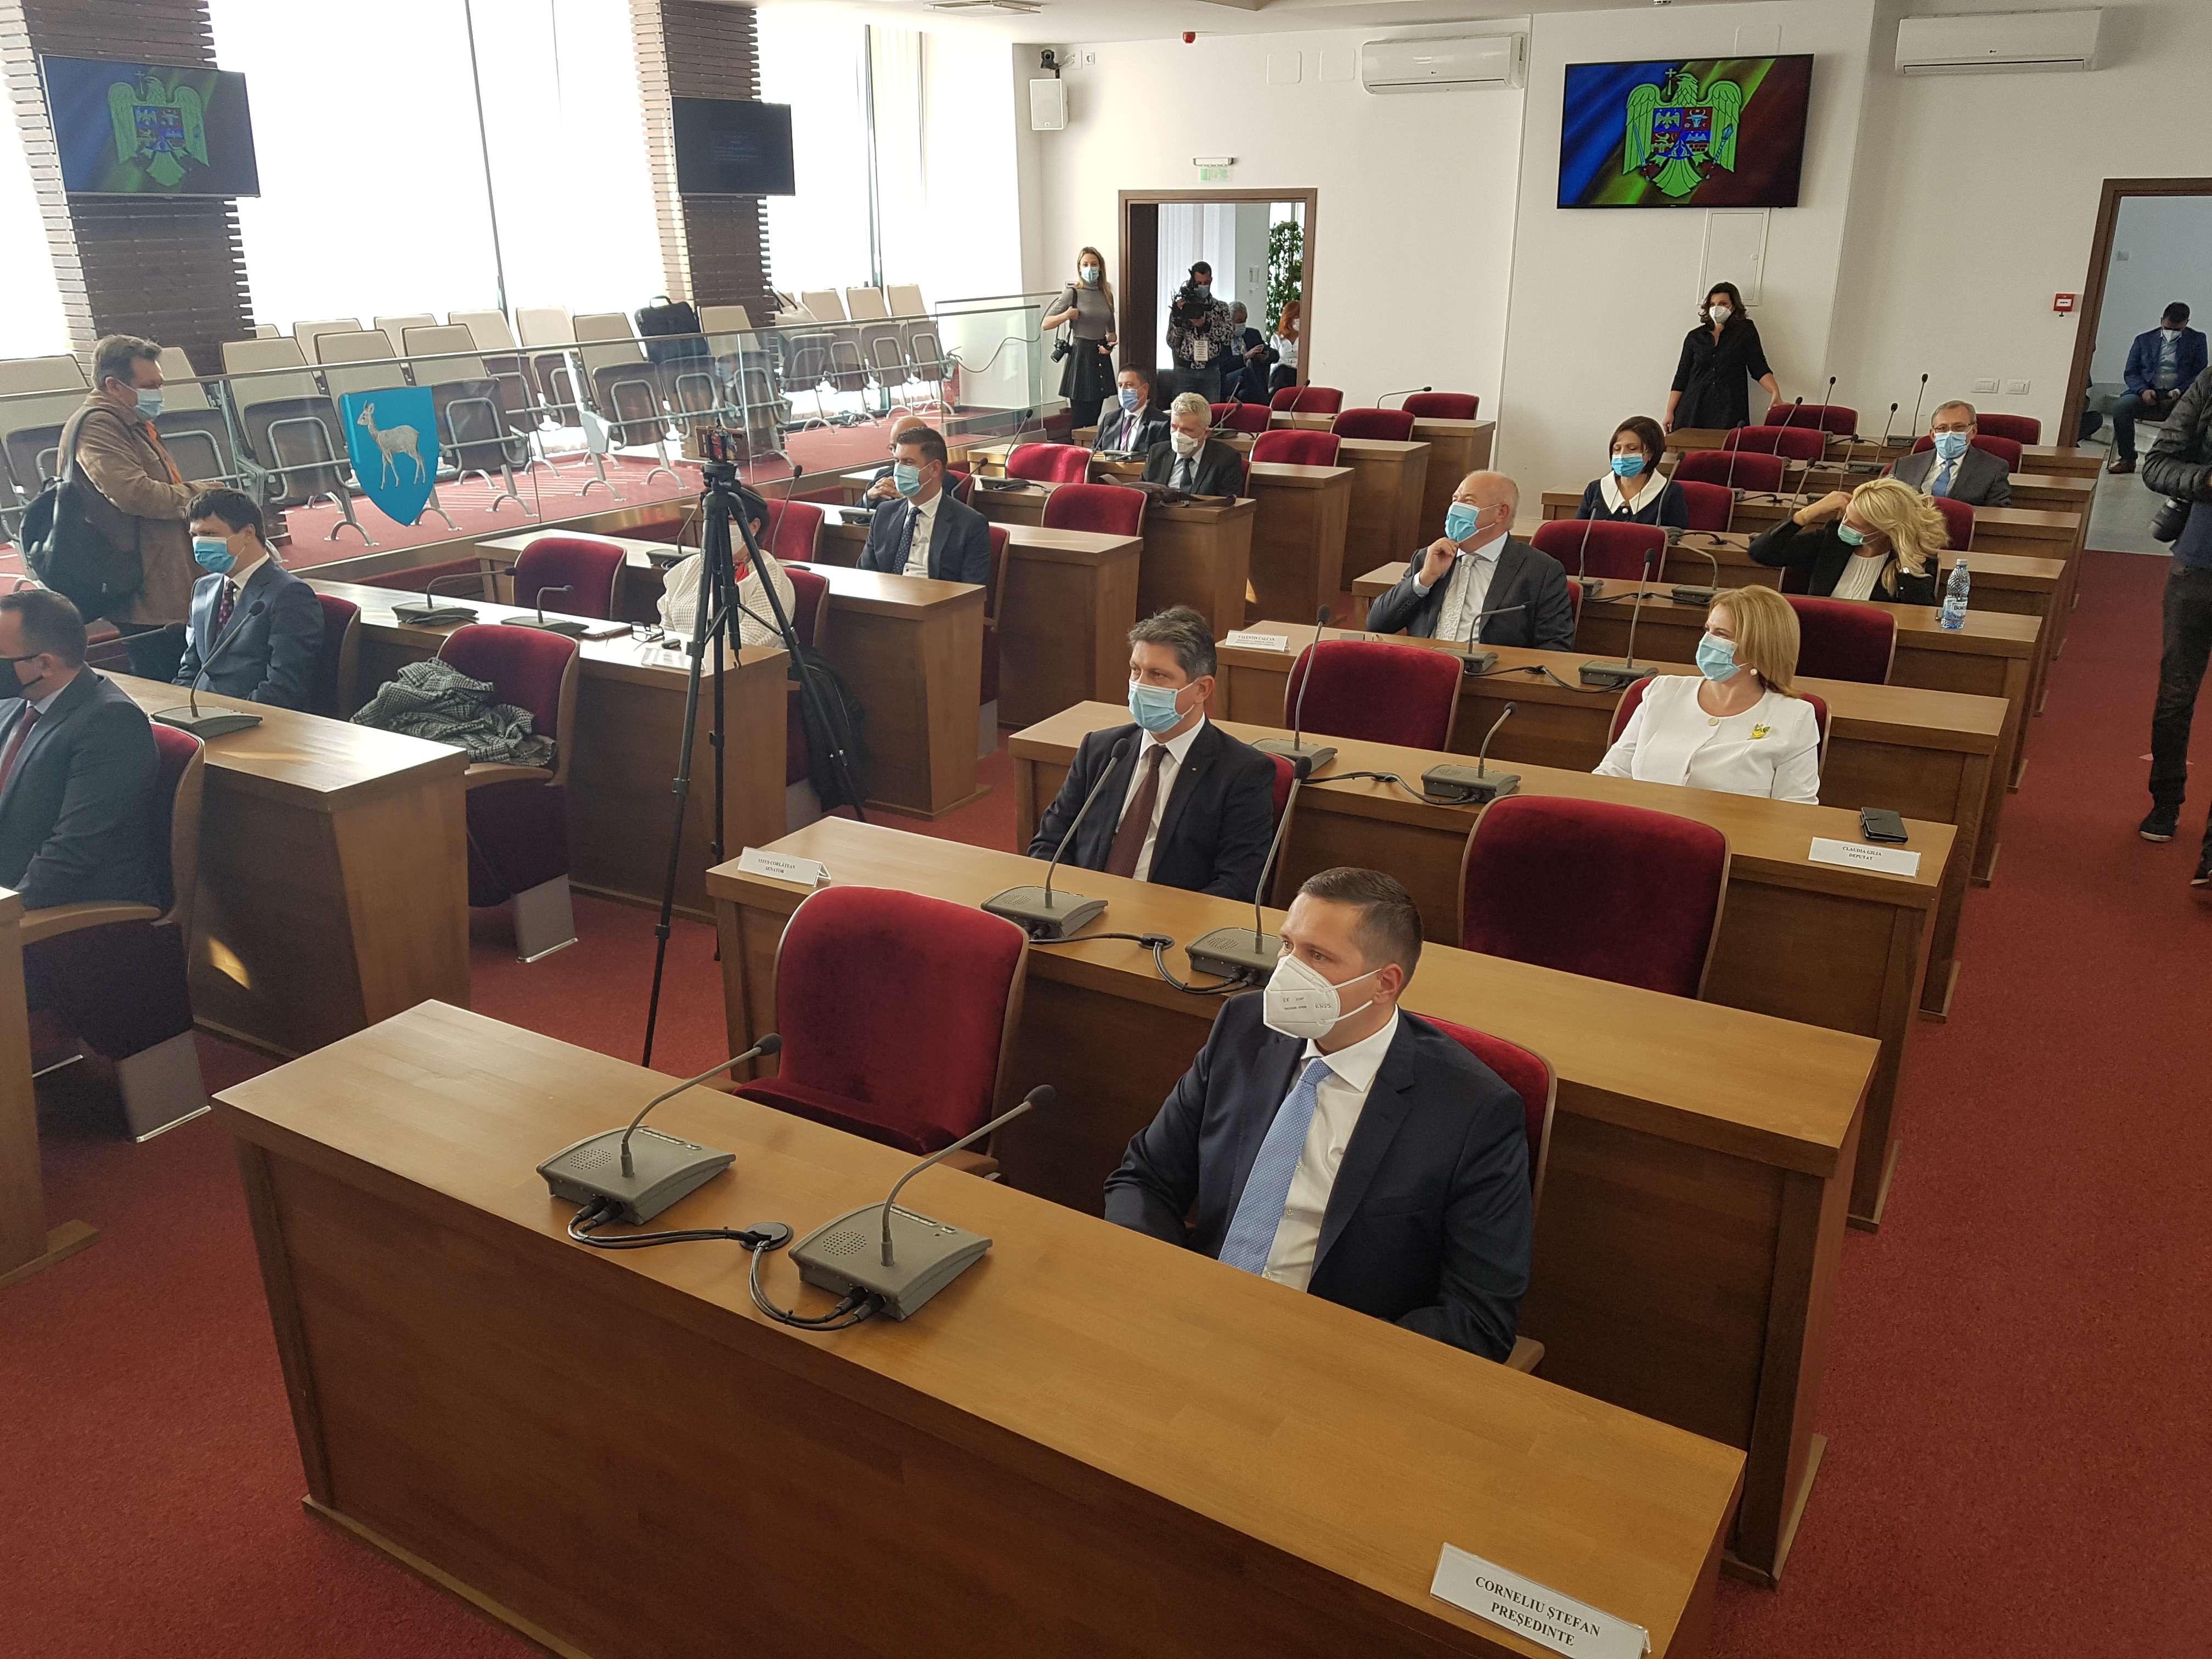 Astăzi a avut loc ceremonia de constituire a Consiliului Județean Dâmbovița! Vezi componenţa noului Consiliu!